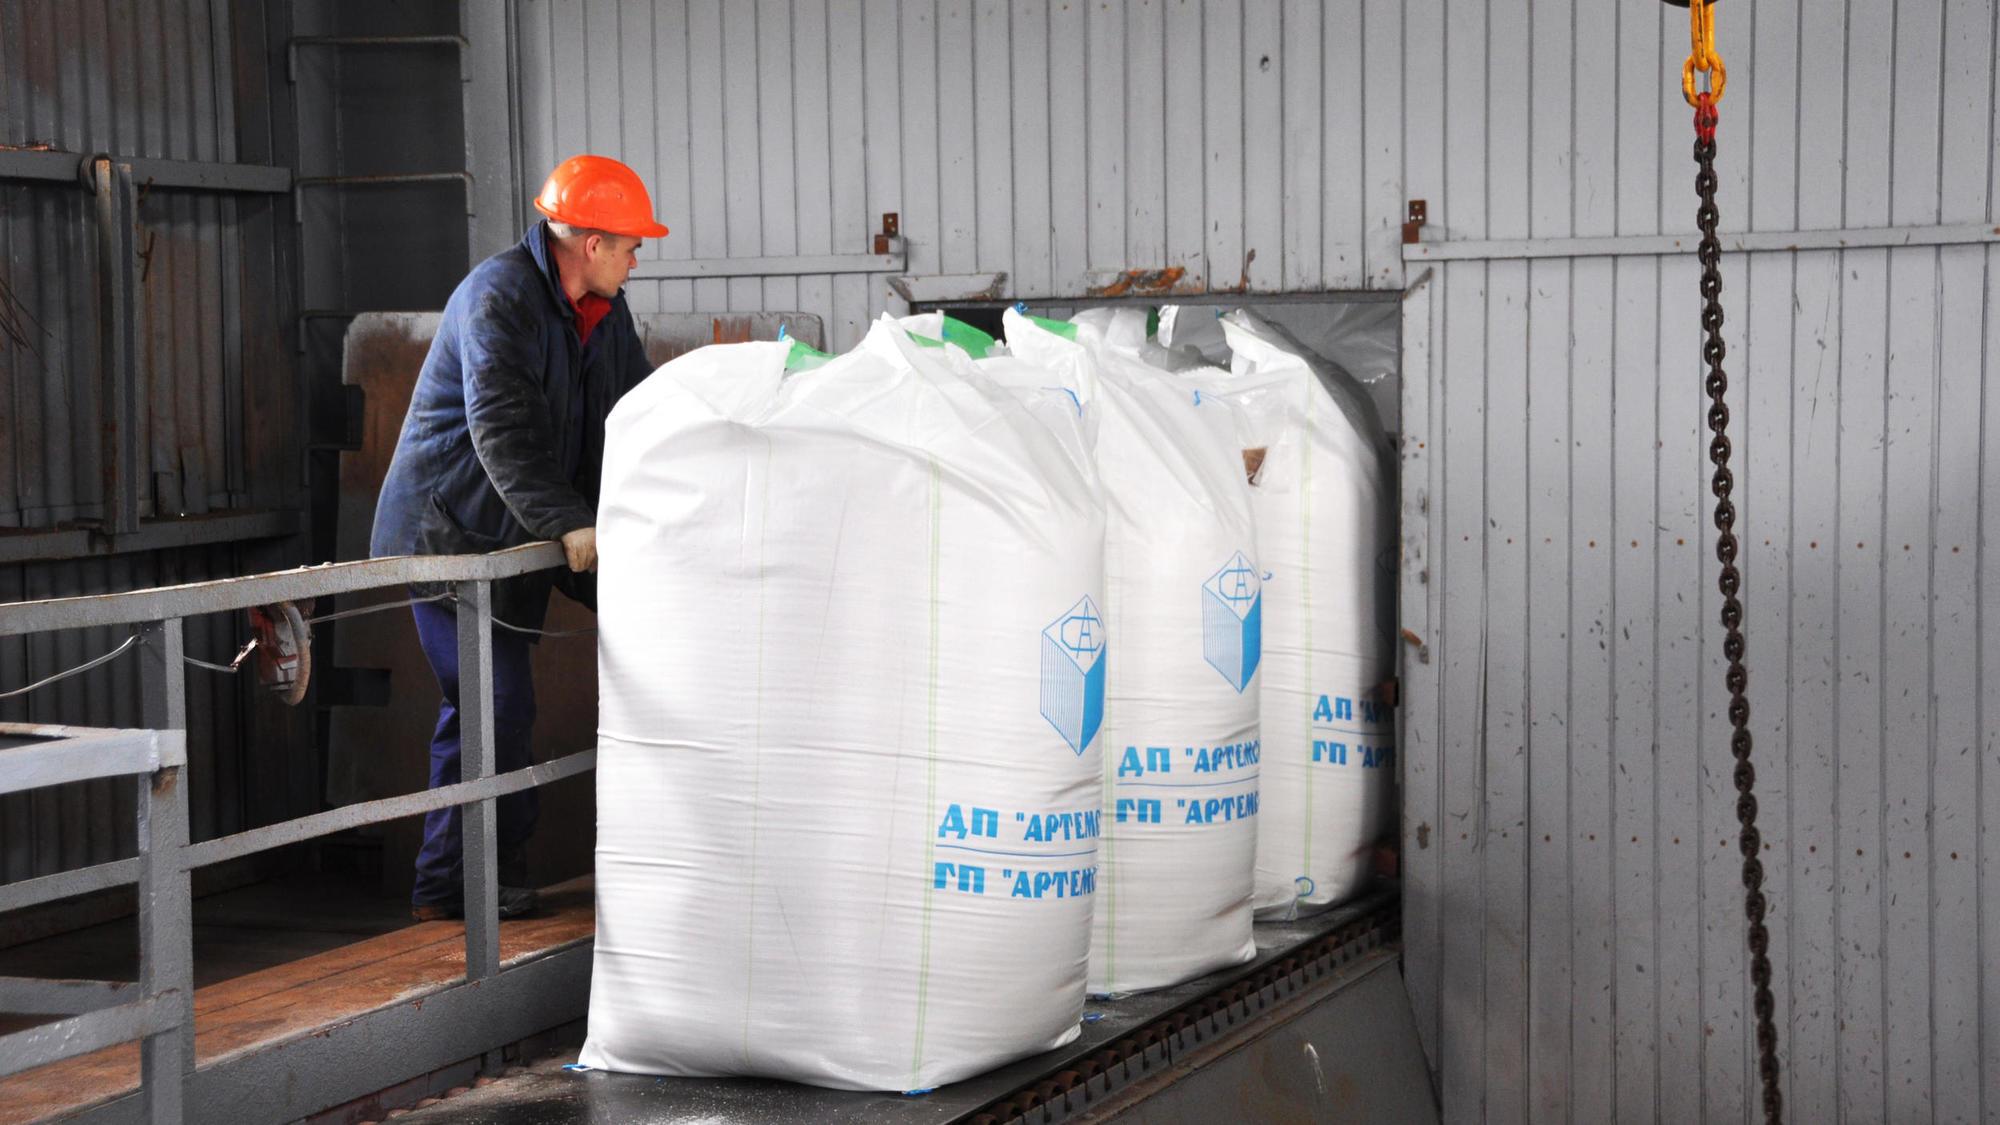 робочий навантажує в мішки сіль на соляному підприємстві Соледару